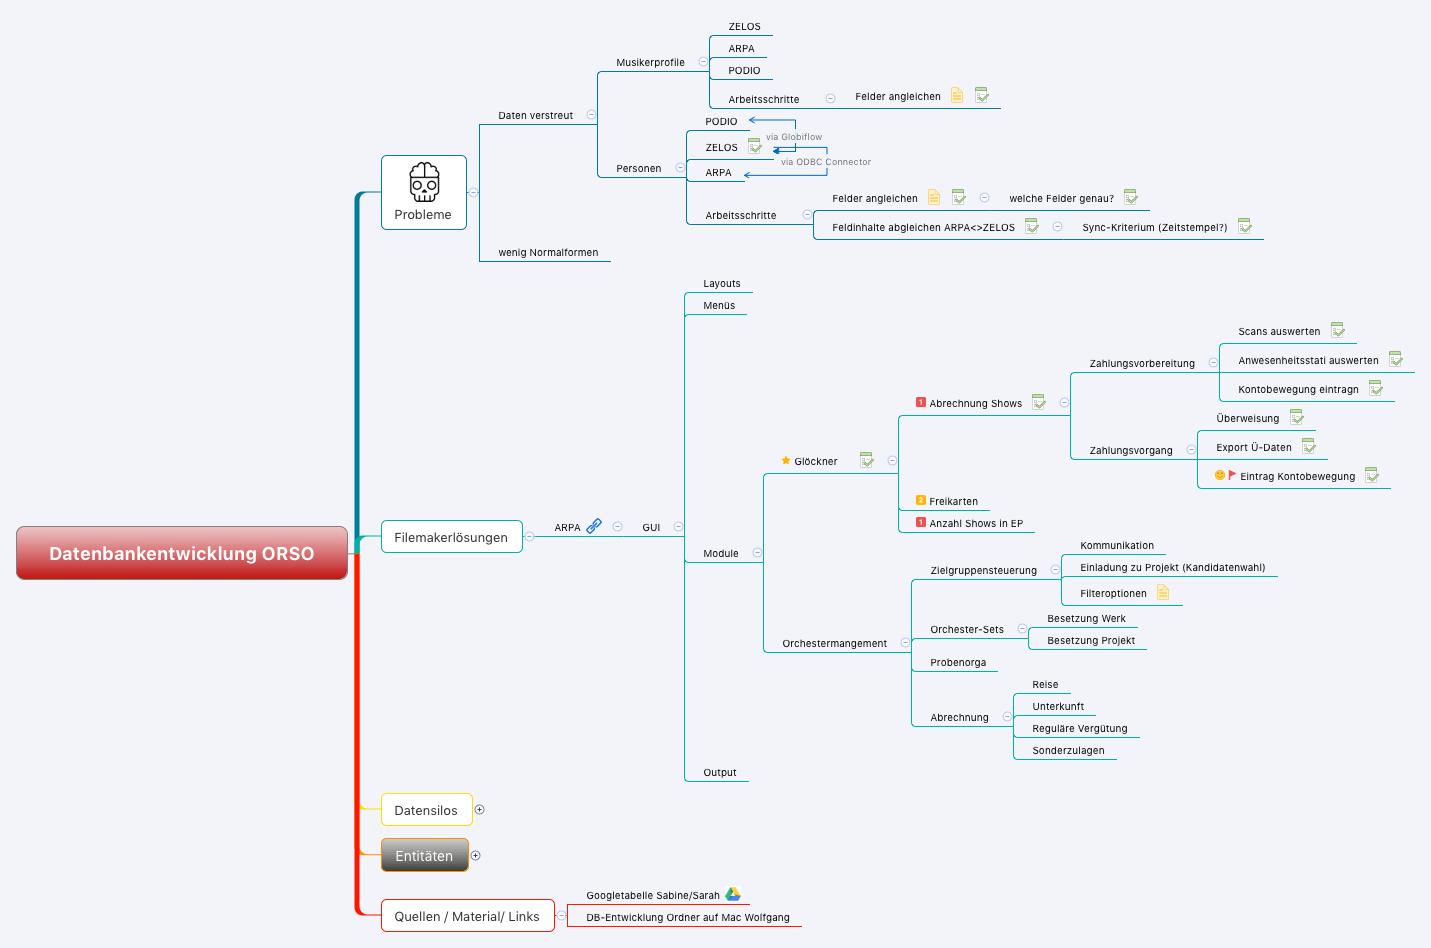 Datenbankentwicklung ORSO